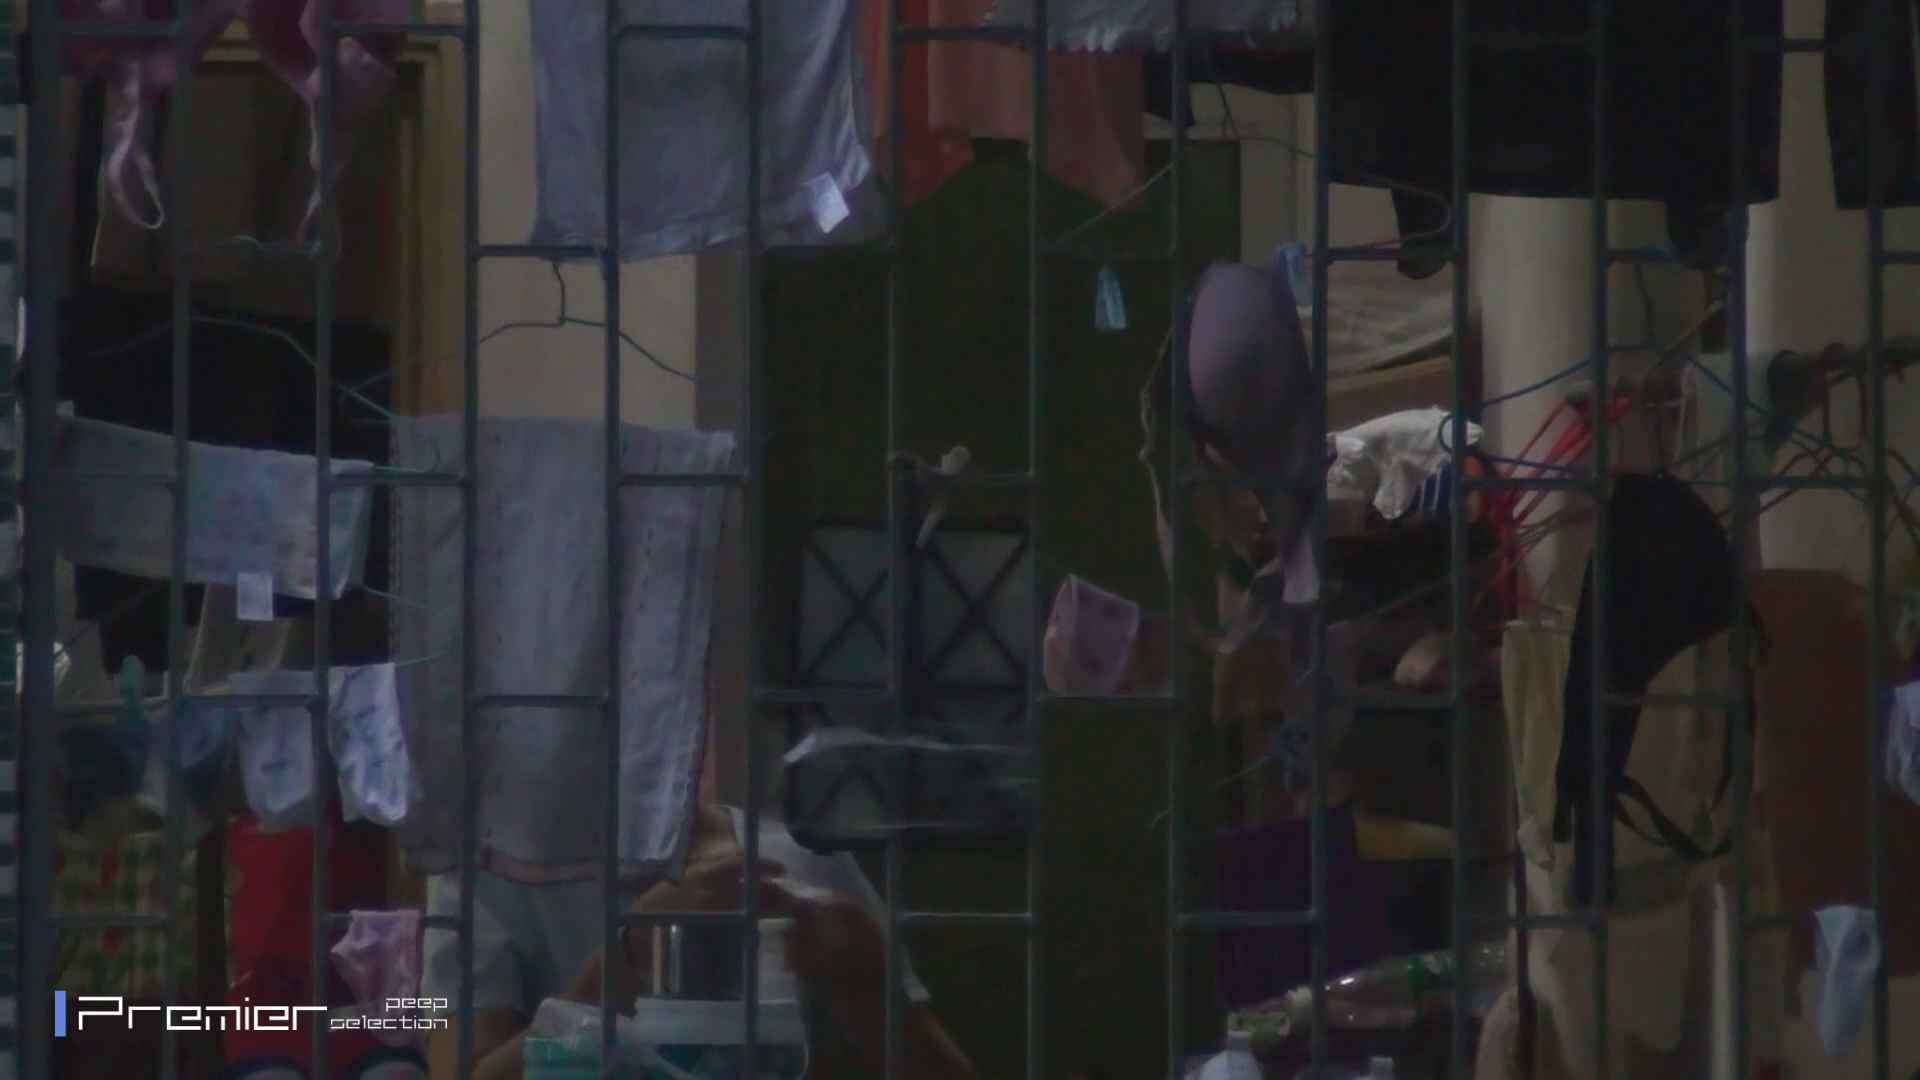 激撮り美女の洗顔シーン Vol.05 美女の痴態に密着! 美女 AV動画キャプチャ 90枚 69